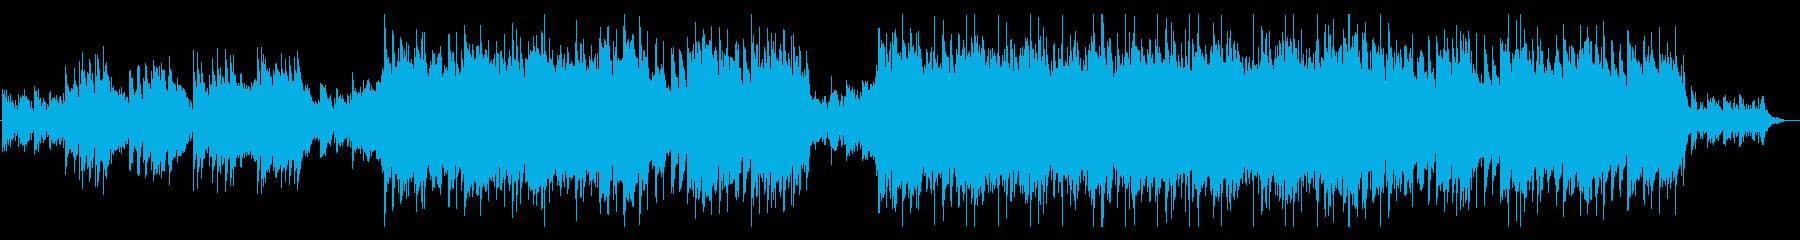 霧深いミステリアスなアコギメイン曲の再生済みの波形